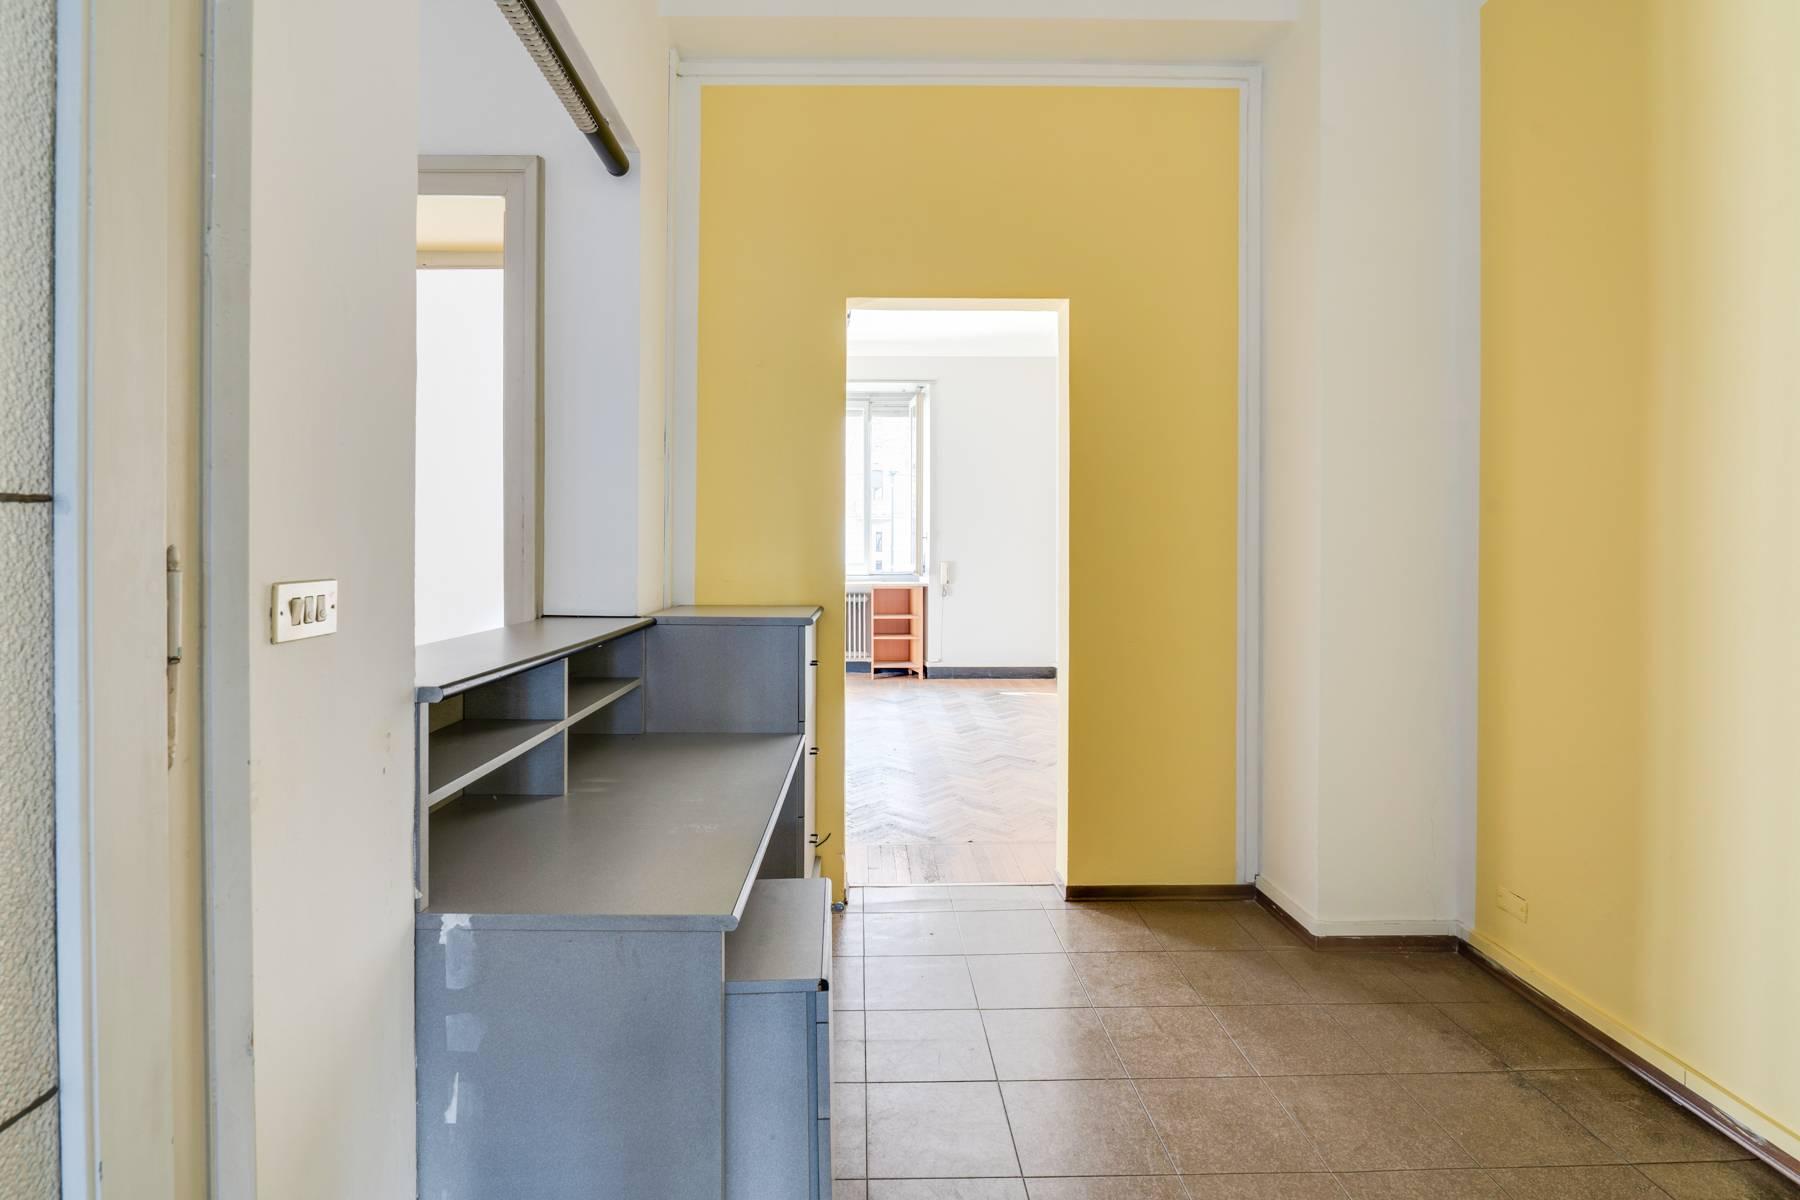 Ufficio-studio in Vendita a Torino: 3 locali, 140 mq - Foto 15